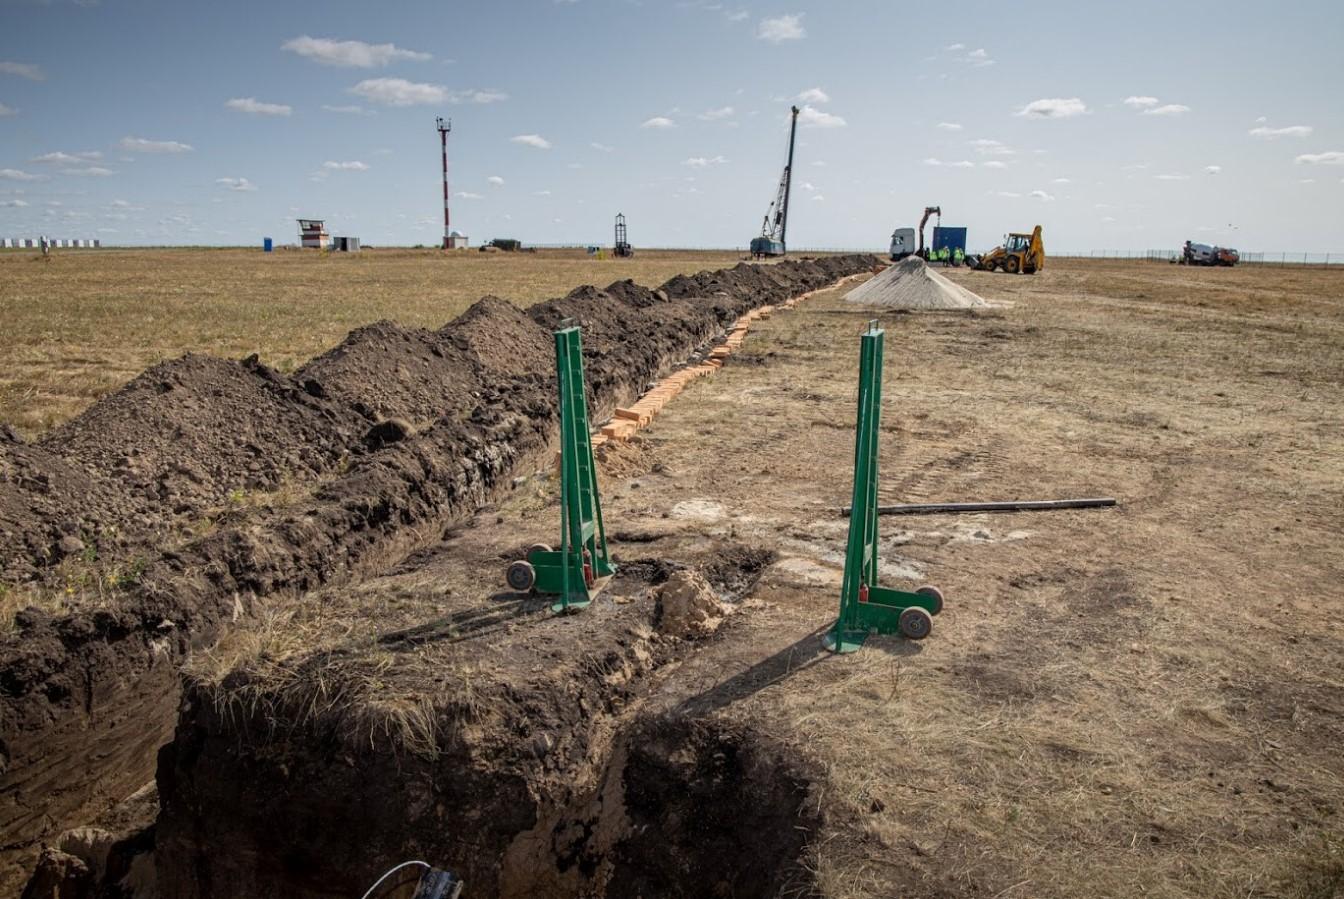 Строительство аэропорта в Днепре. Будівництво аеропорту в Дніпрі